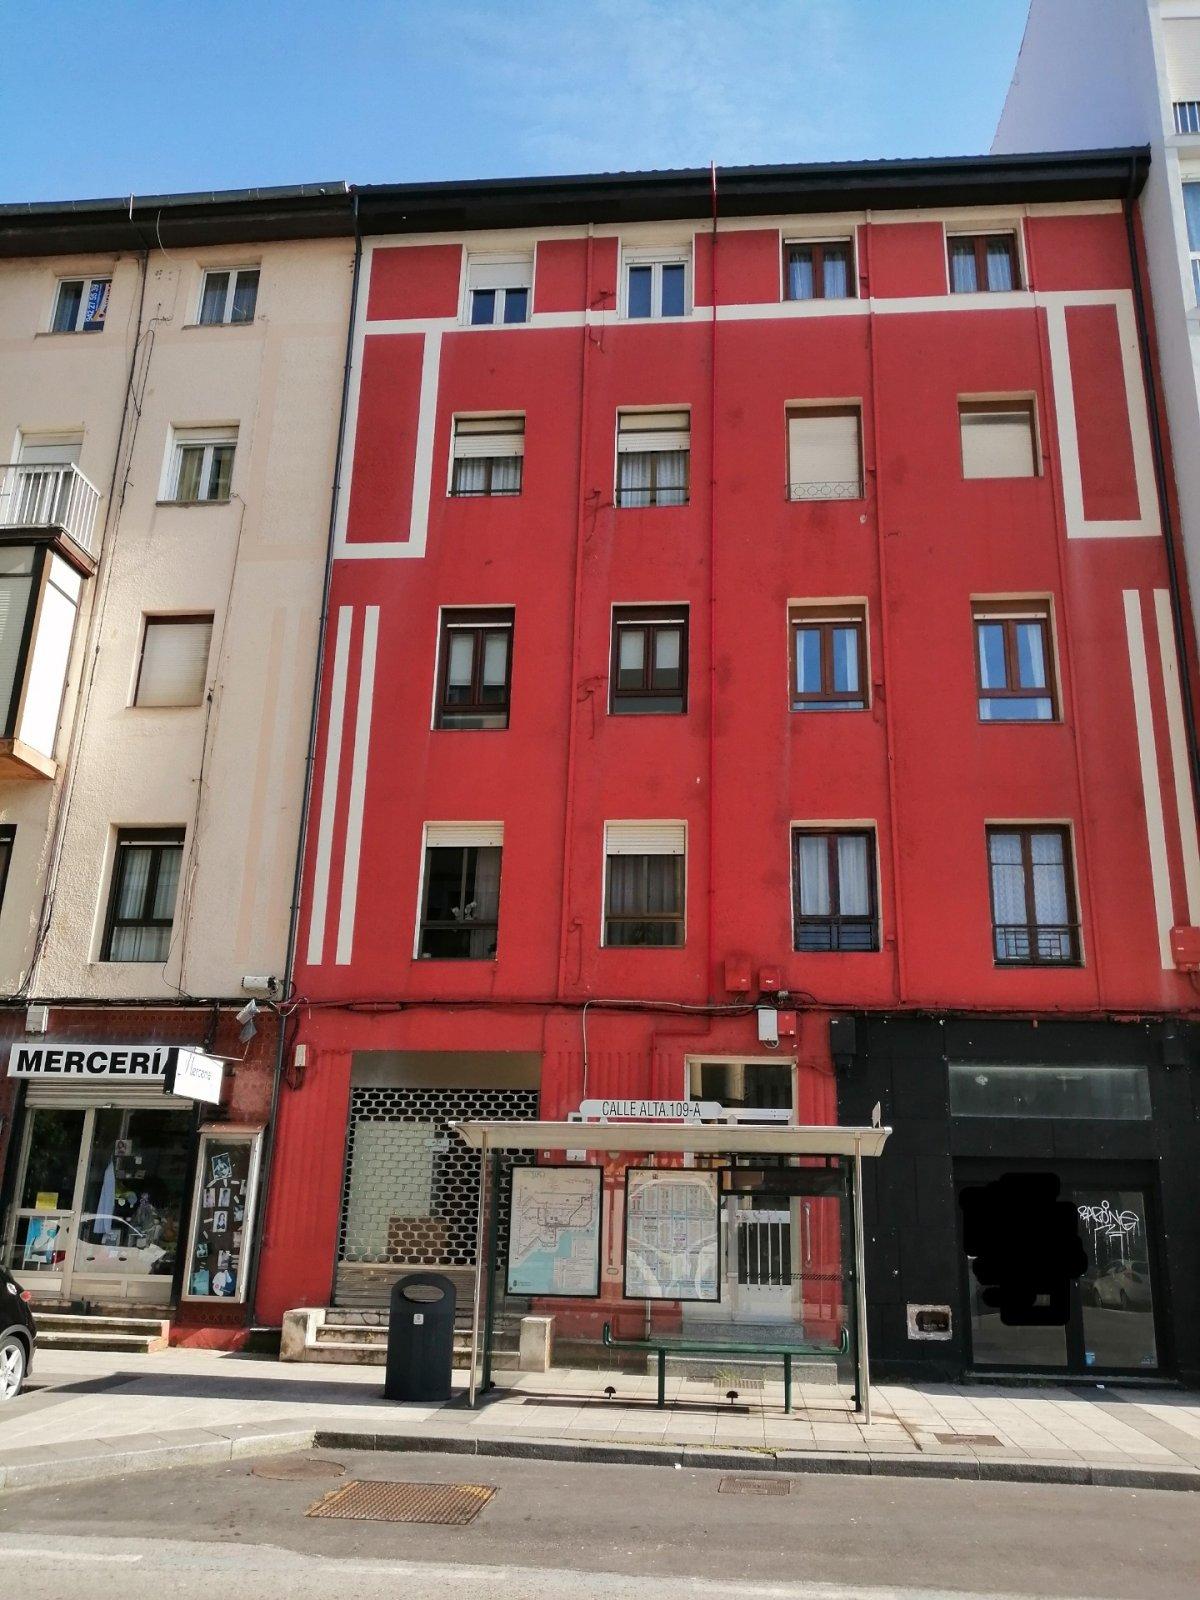 Piso en venta en Santander  de 3 Habitaciones, 1 Baño y 74 m2 por 94.100 €.